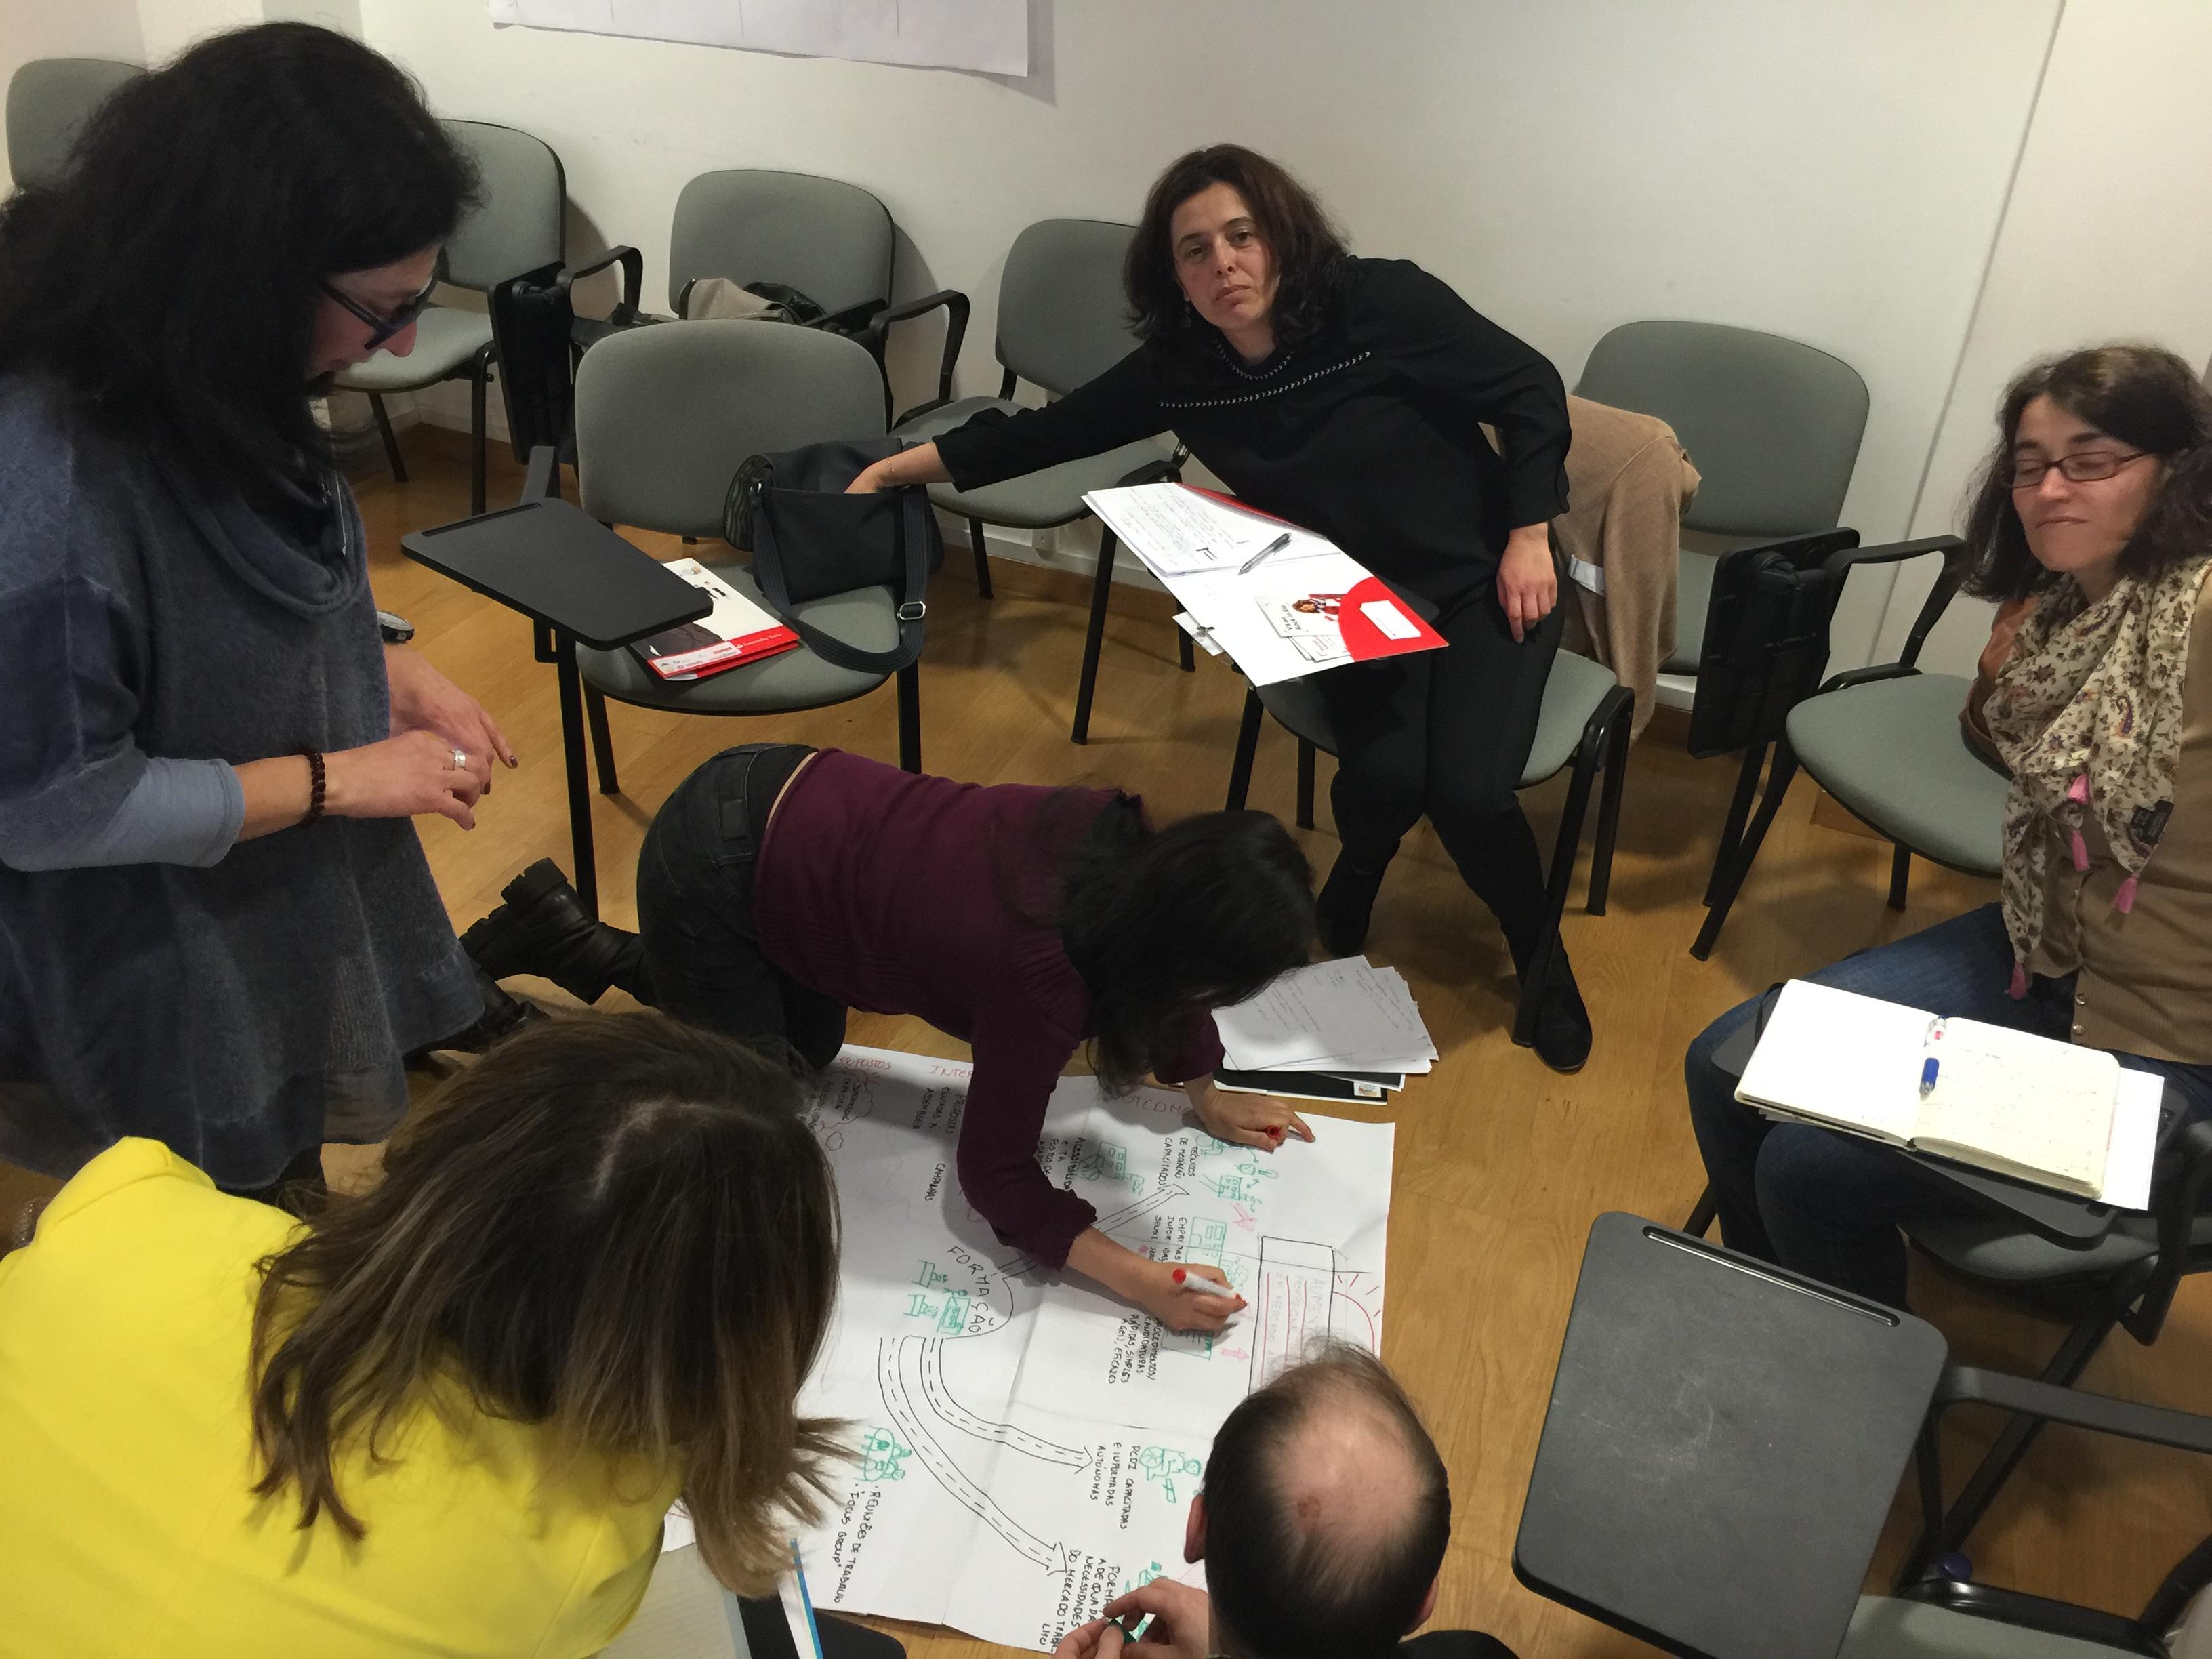 M&E Workshop facilitated by Ann